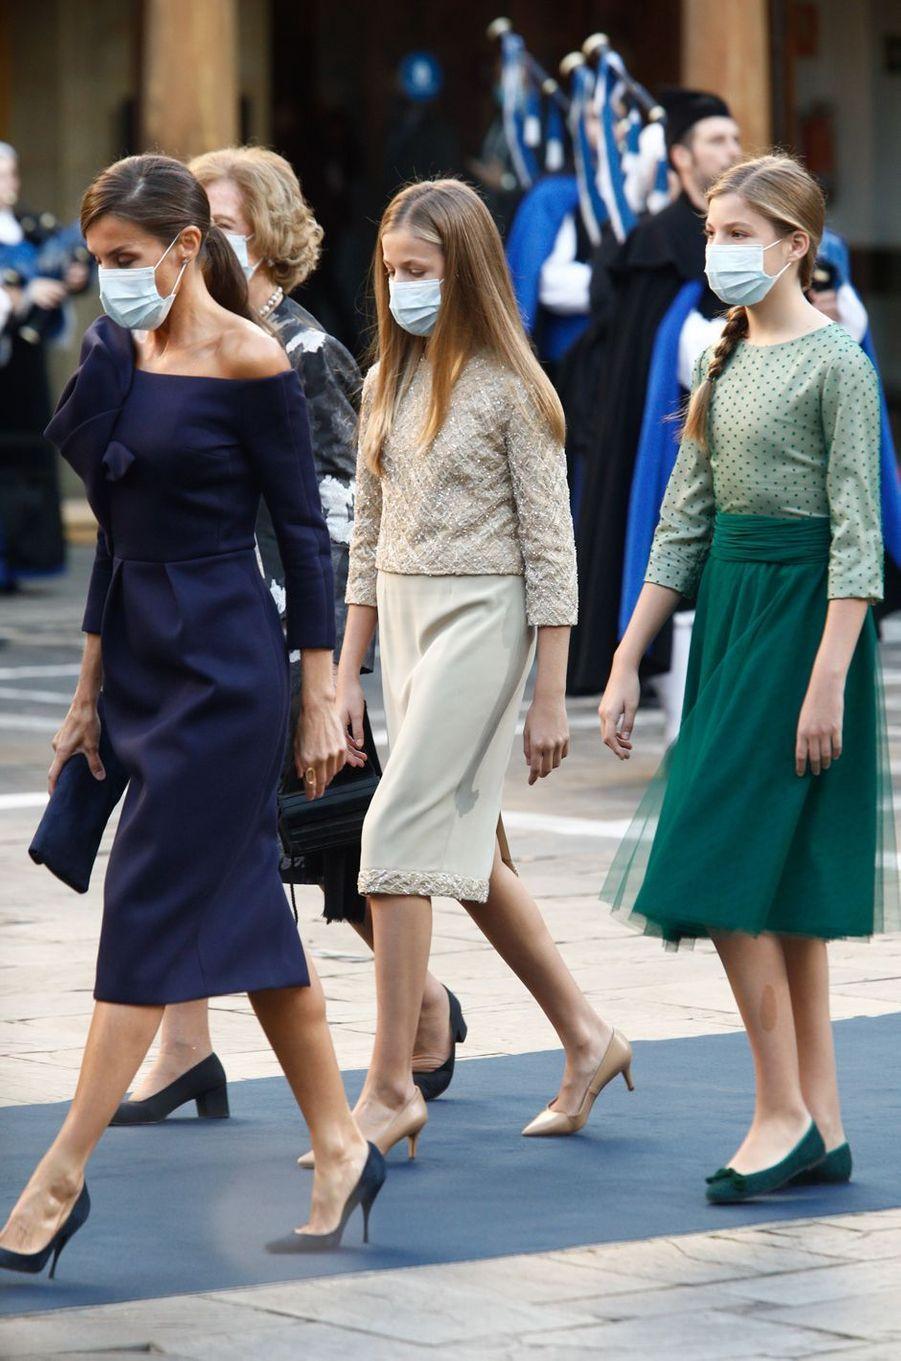 Leonor d'Espagne, princesse des Asturies, chaussée d'escarpins à talons, à Oviedo le 16 octobre 2020